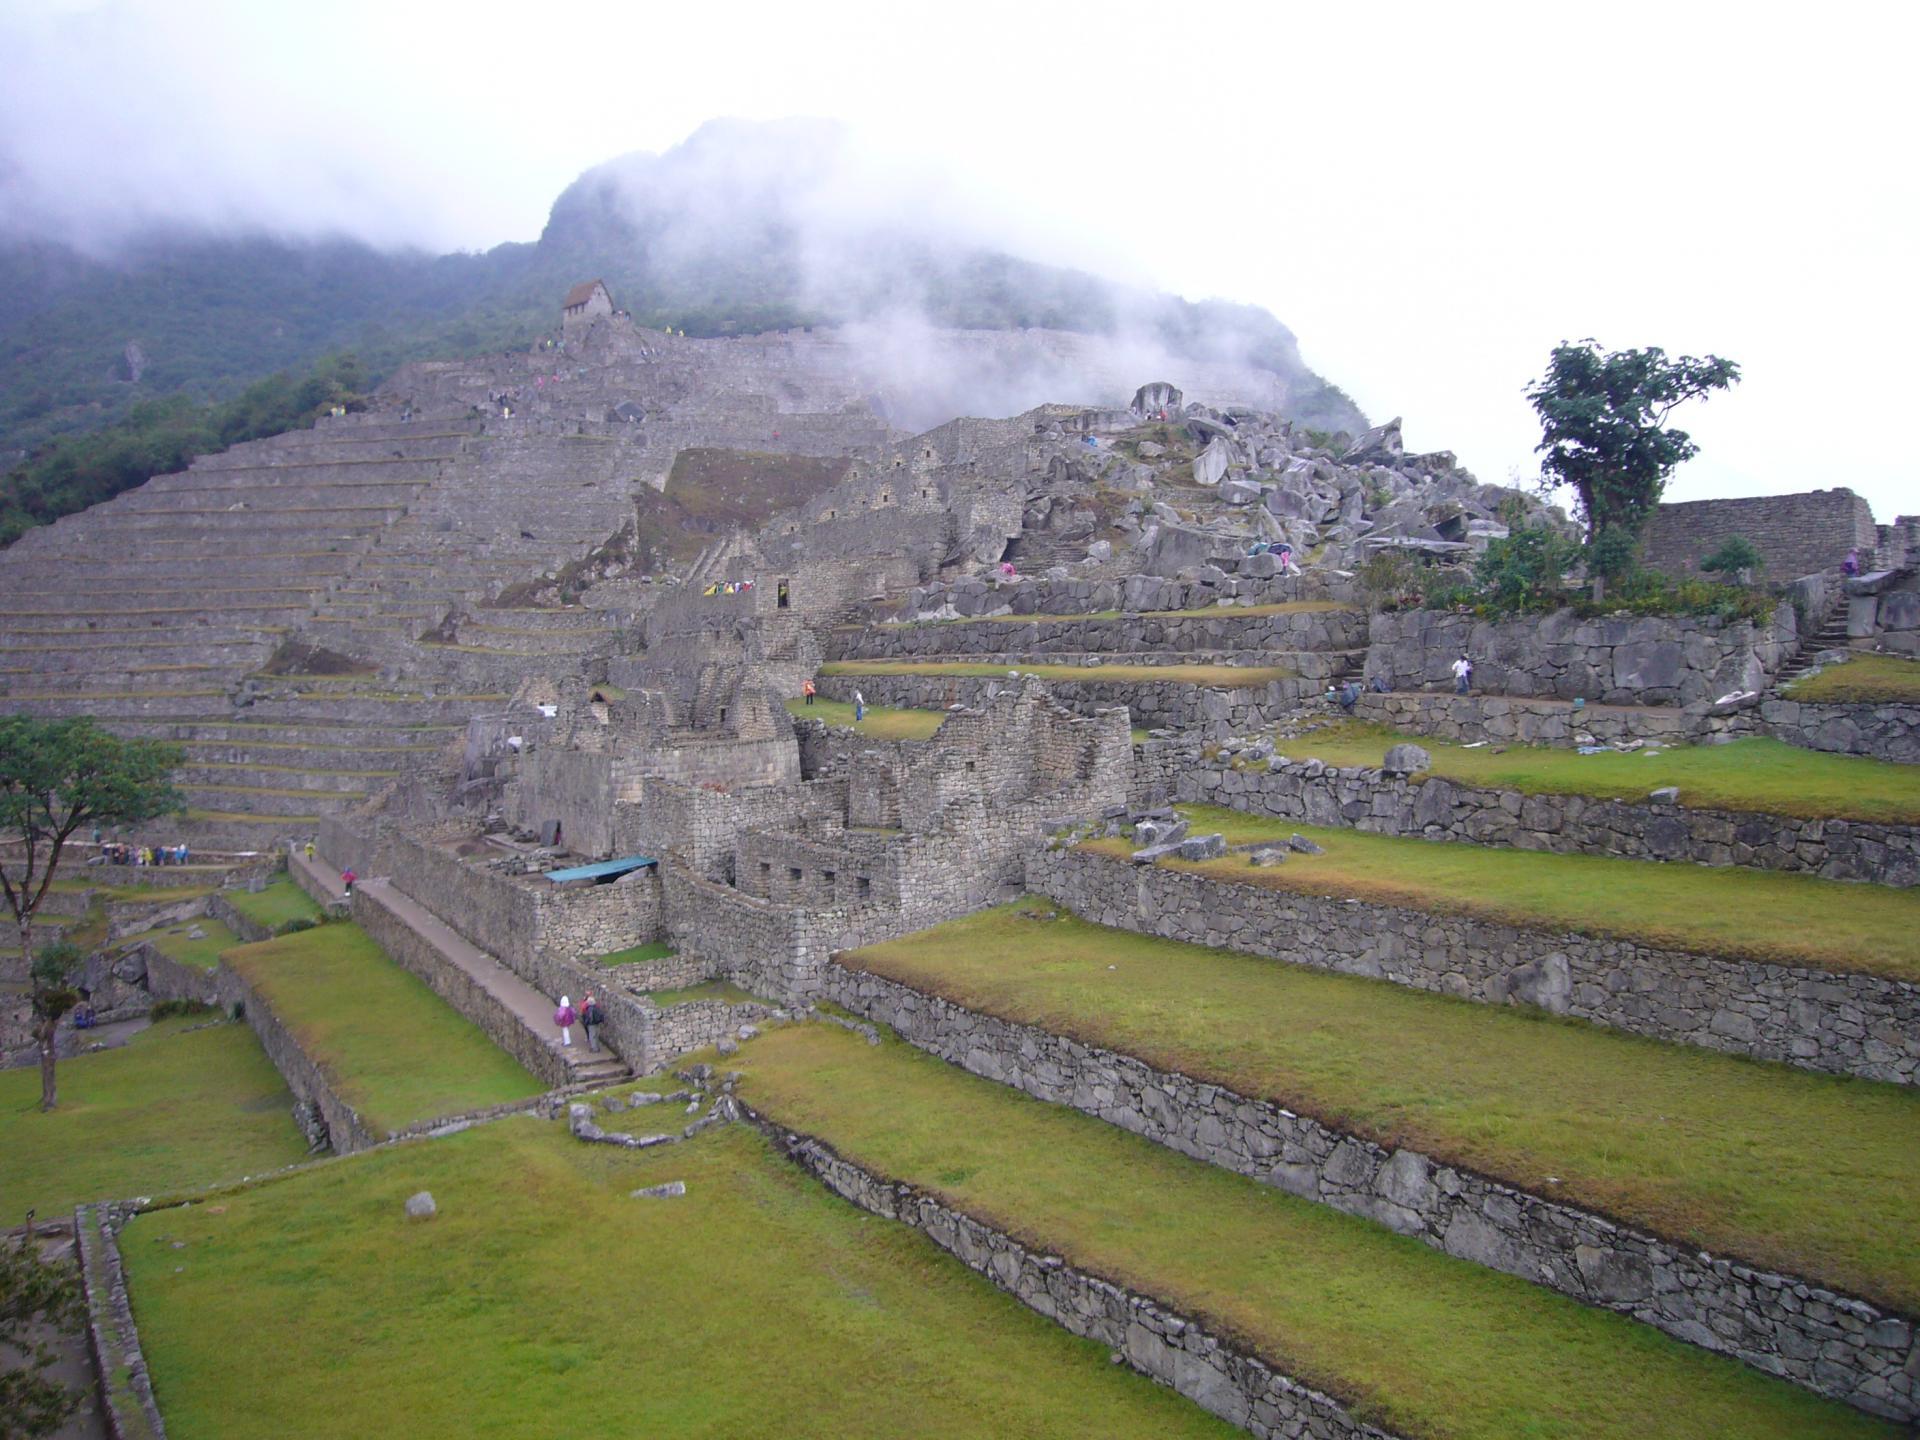 Erleben Sie das wunderbare Machu Picchu auf Ihrer Peru Rundreise hautnah